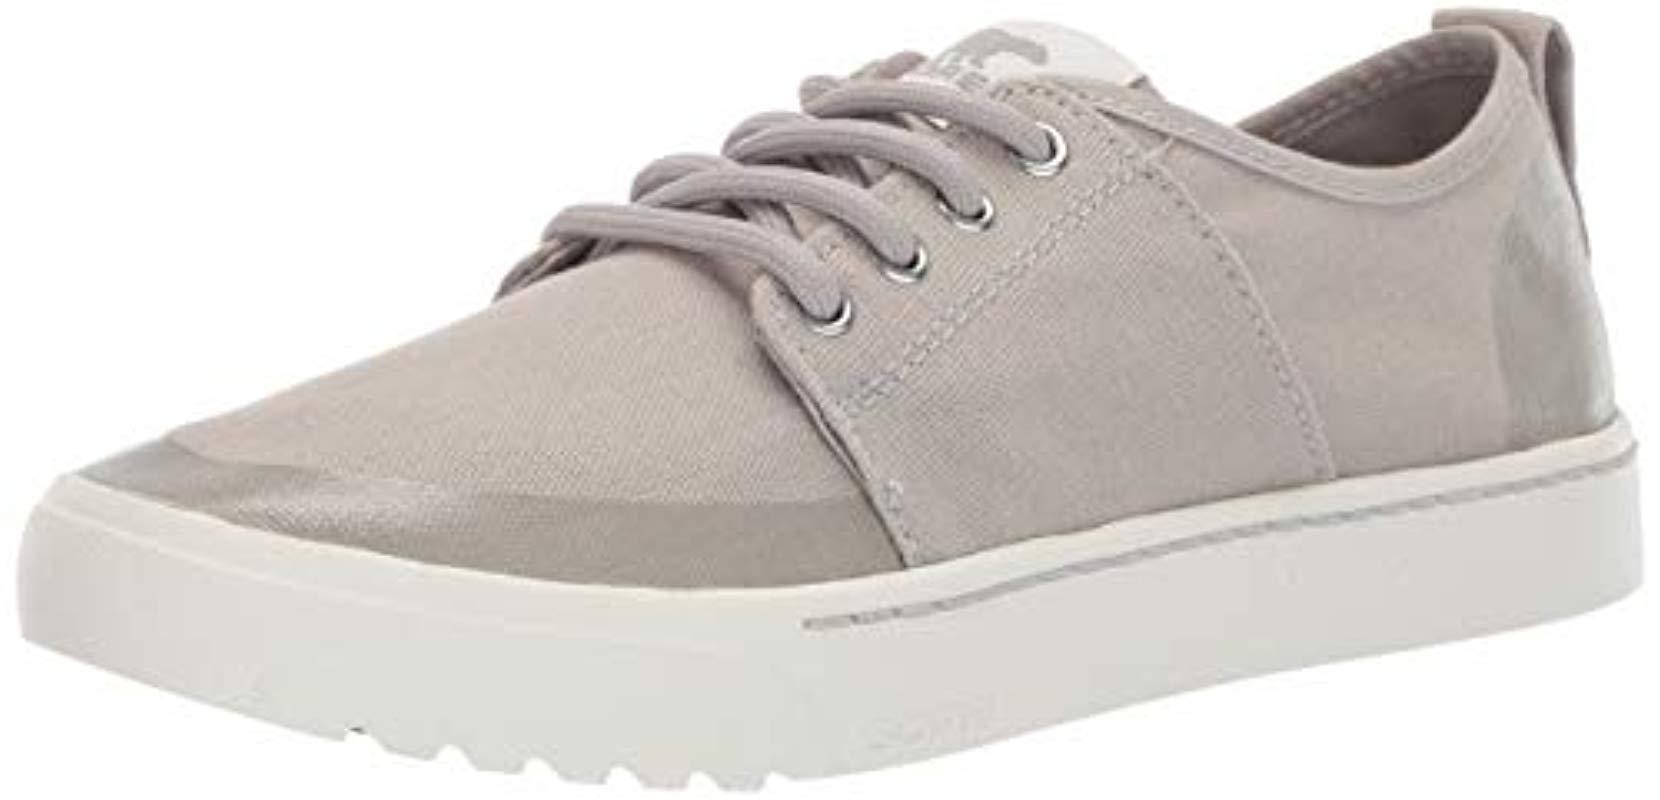 Sneaker Campsneak Lyst In Sorel Lace Gray f7IbyY6gv